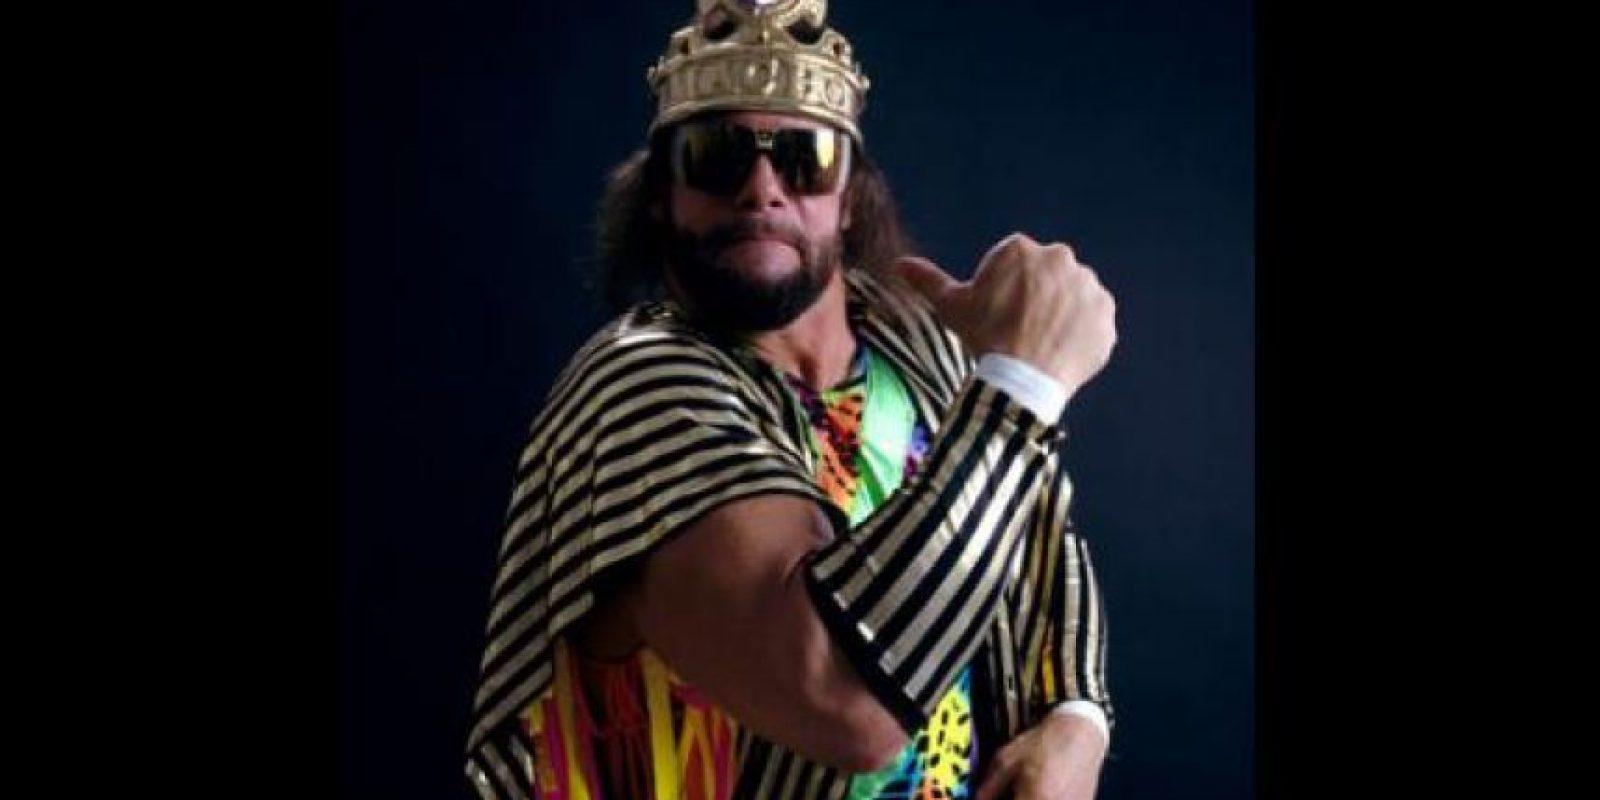 Una de las estrellas de las décadas de los años 80 y los 90 murió en 2011 a los 58 años por un ataque al corazón,antes de estrellar su automóvil en Tampa, Florida Foto:WWE